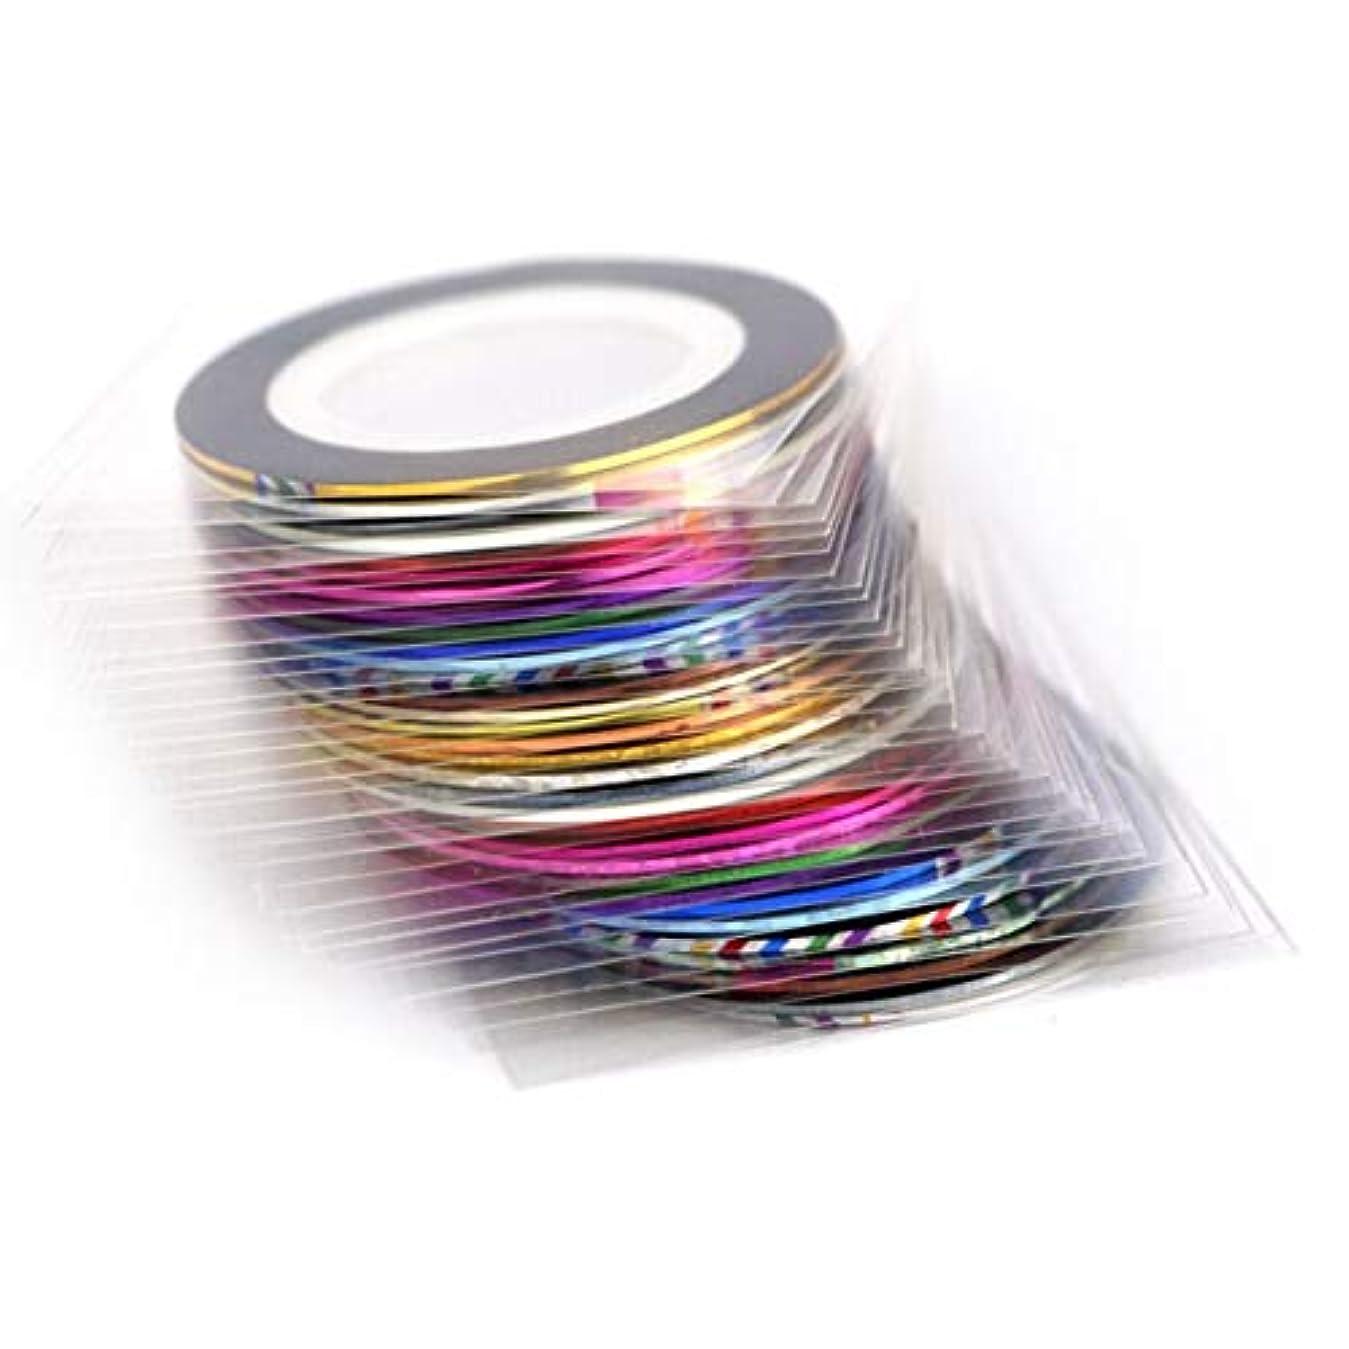 十二いっぱい交渉するバードランタンネイルゴールドスレッドペースト色付きドローイングライン接着テープネイルステッカー10色20色30色